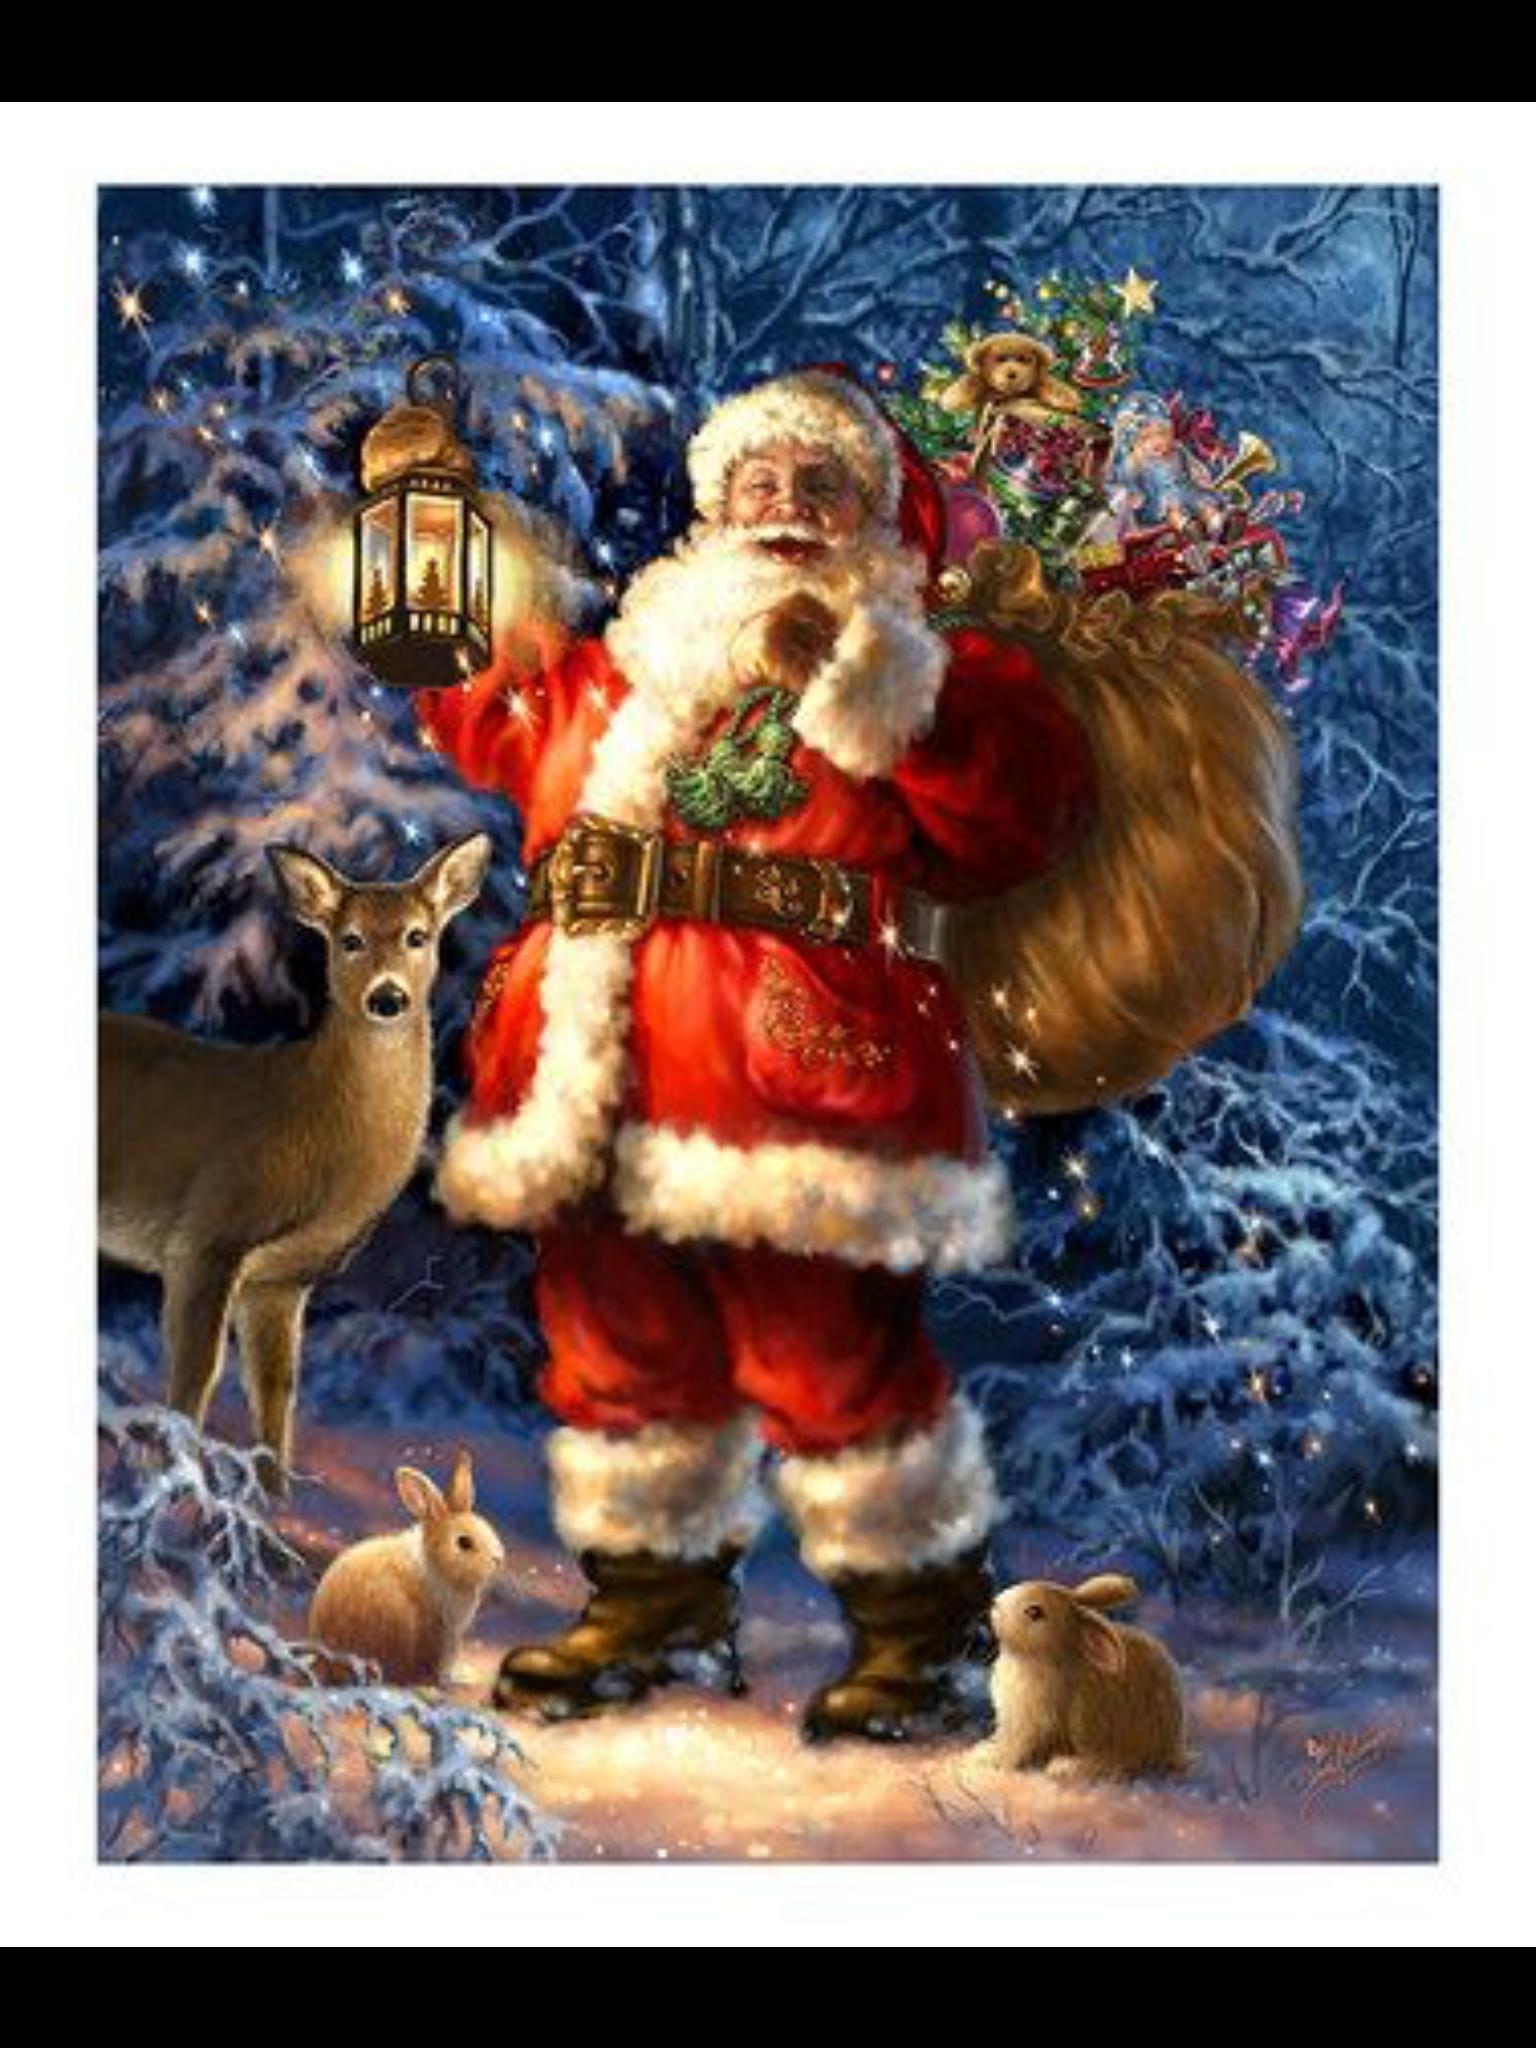 Pin by Amy Ridge on Santa in 2018